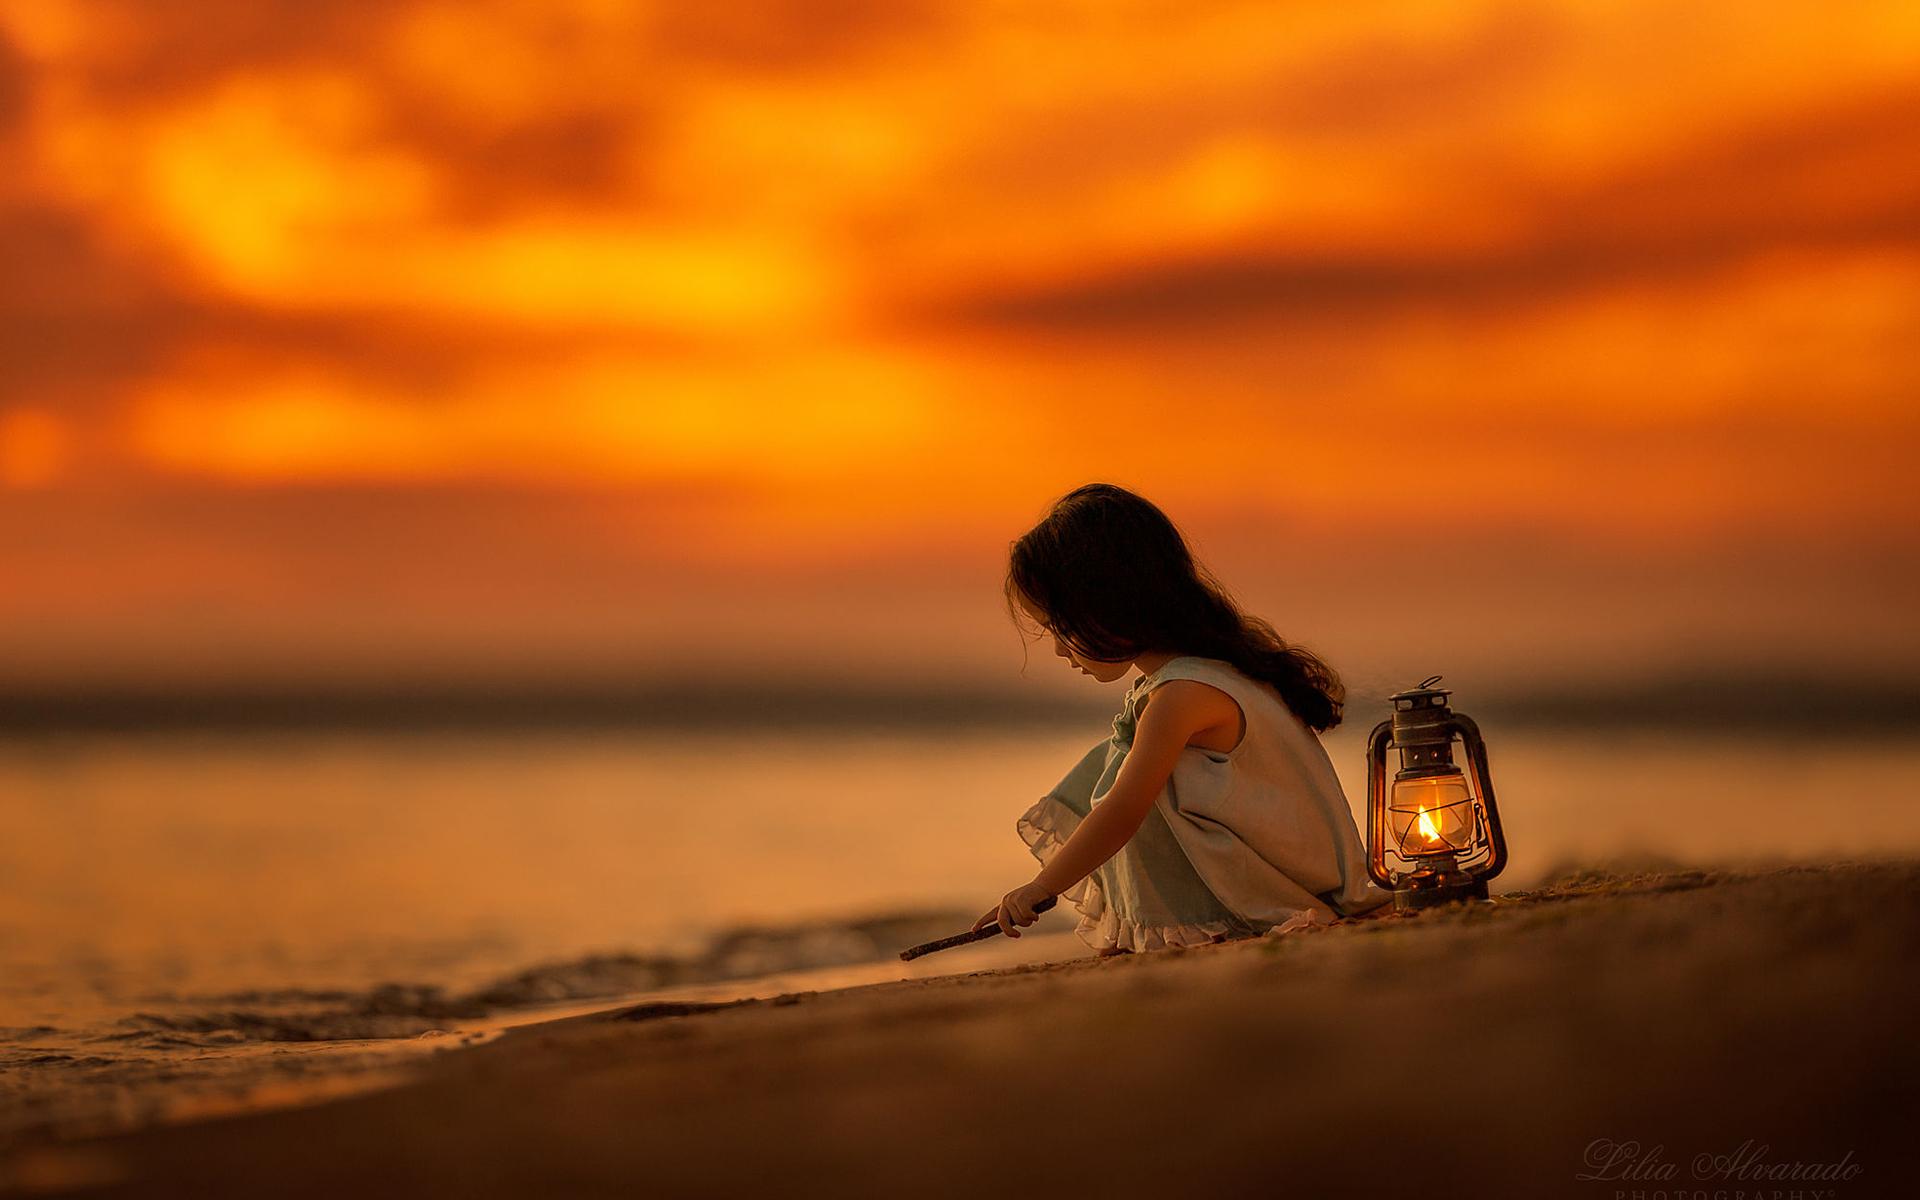 Обои настроение, Девочка, лампа. Настроения foto 17